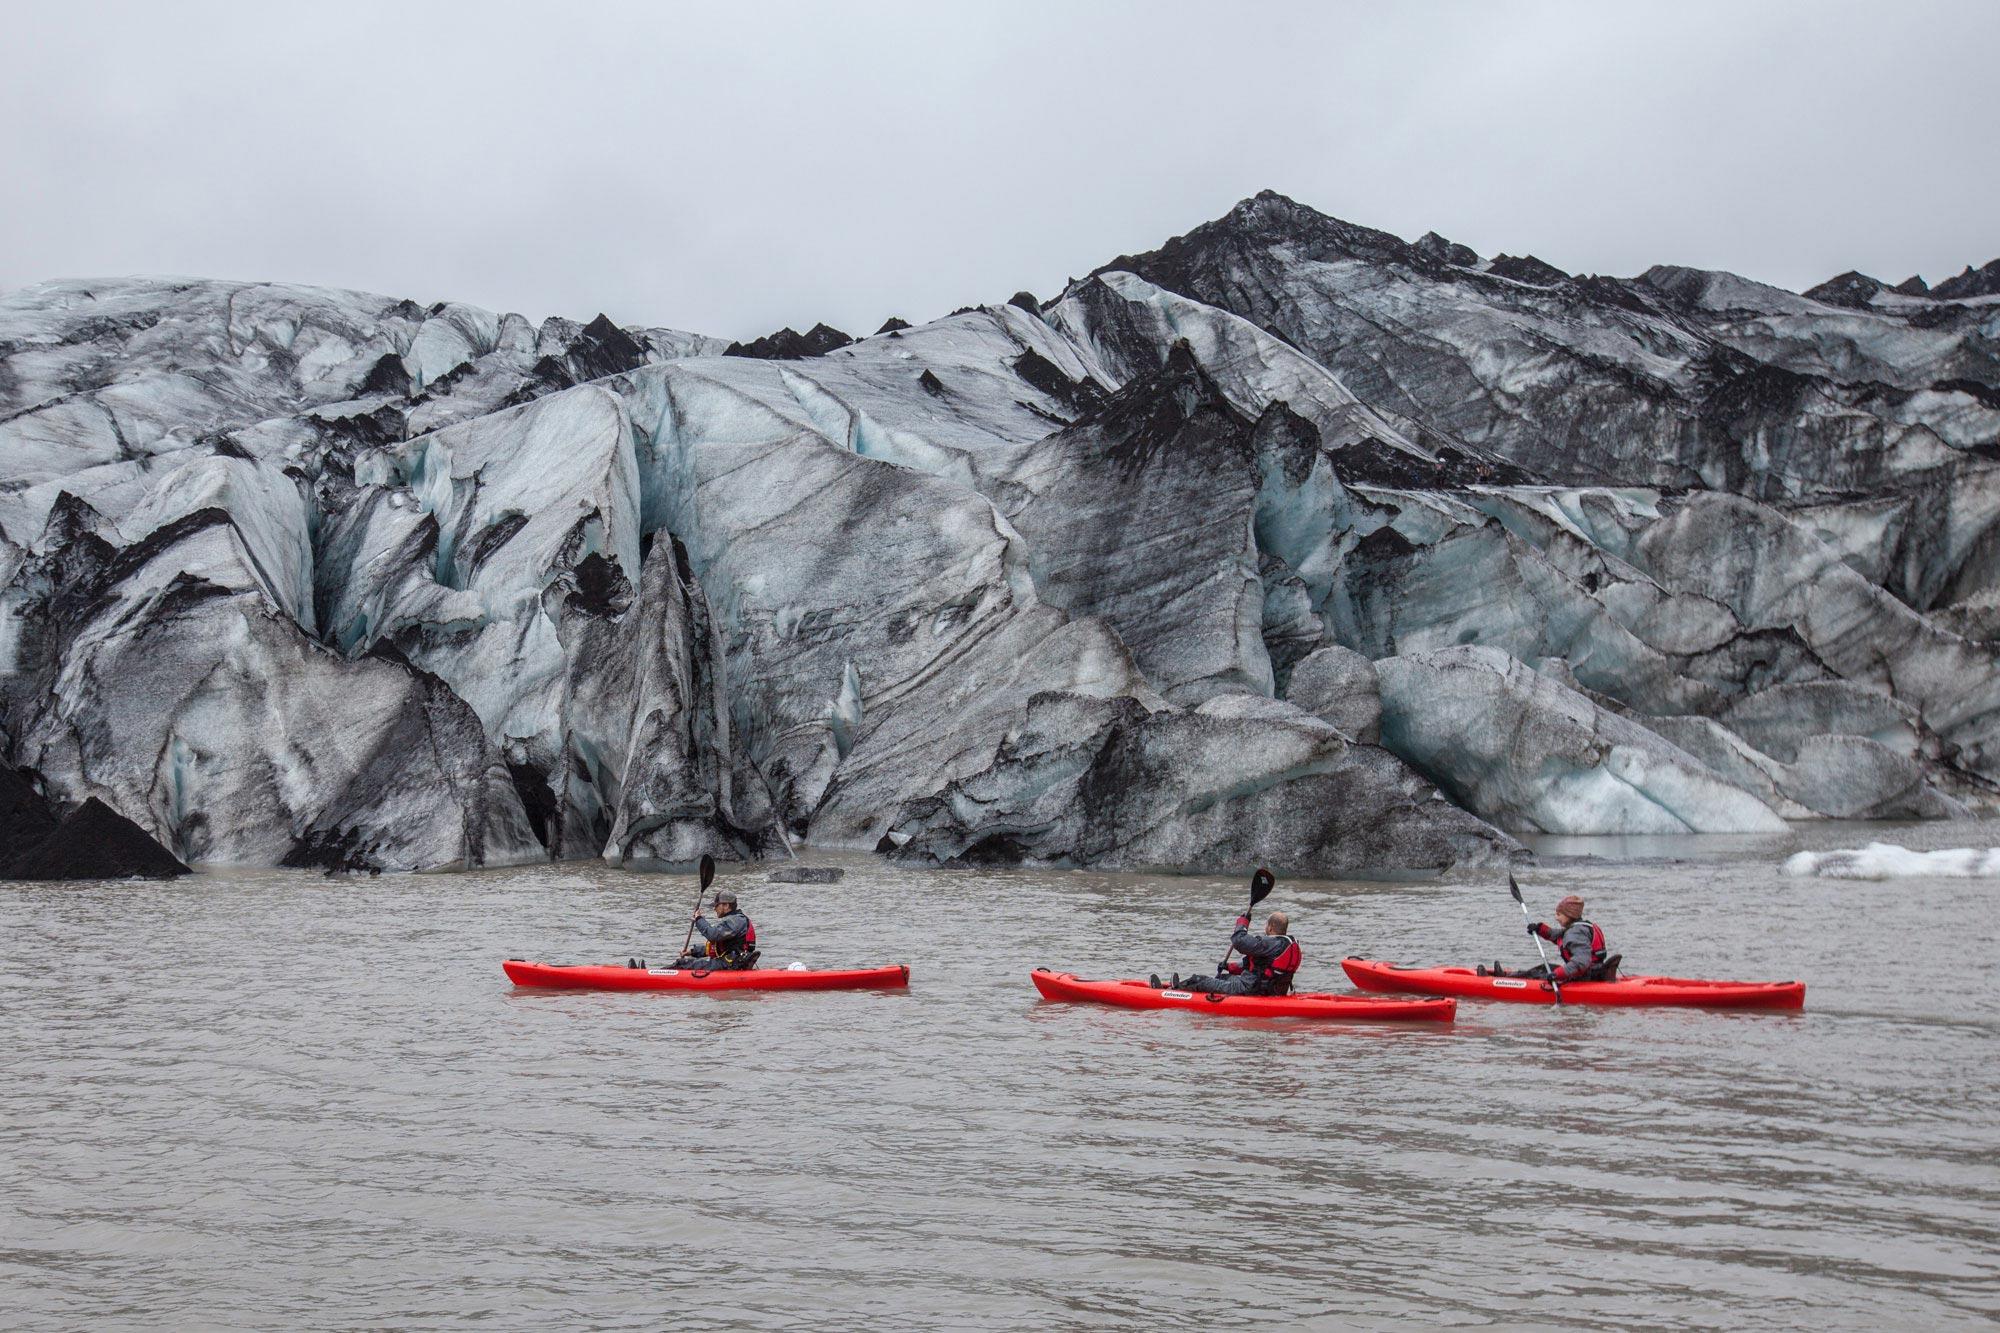 Bei dieser erstaunlichen Erkundung der Südküste kannst du zwischen Eisbergen auf einer neu gebildeten Gletscherlagune Kajakfahren.